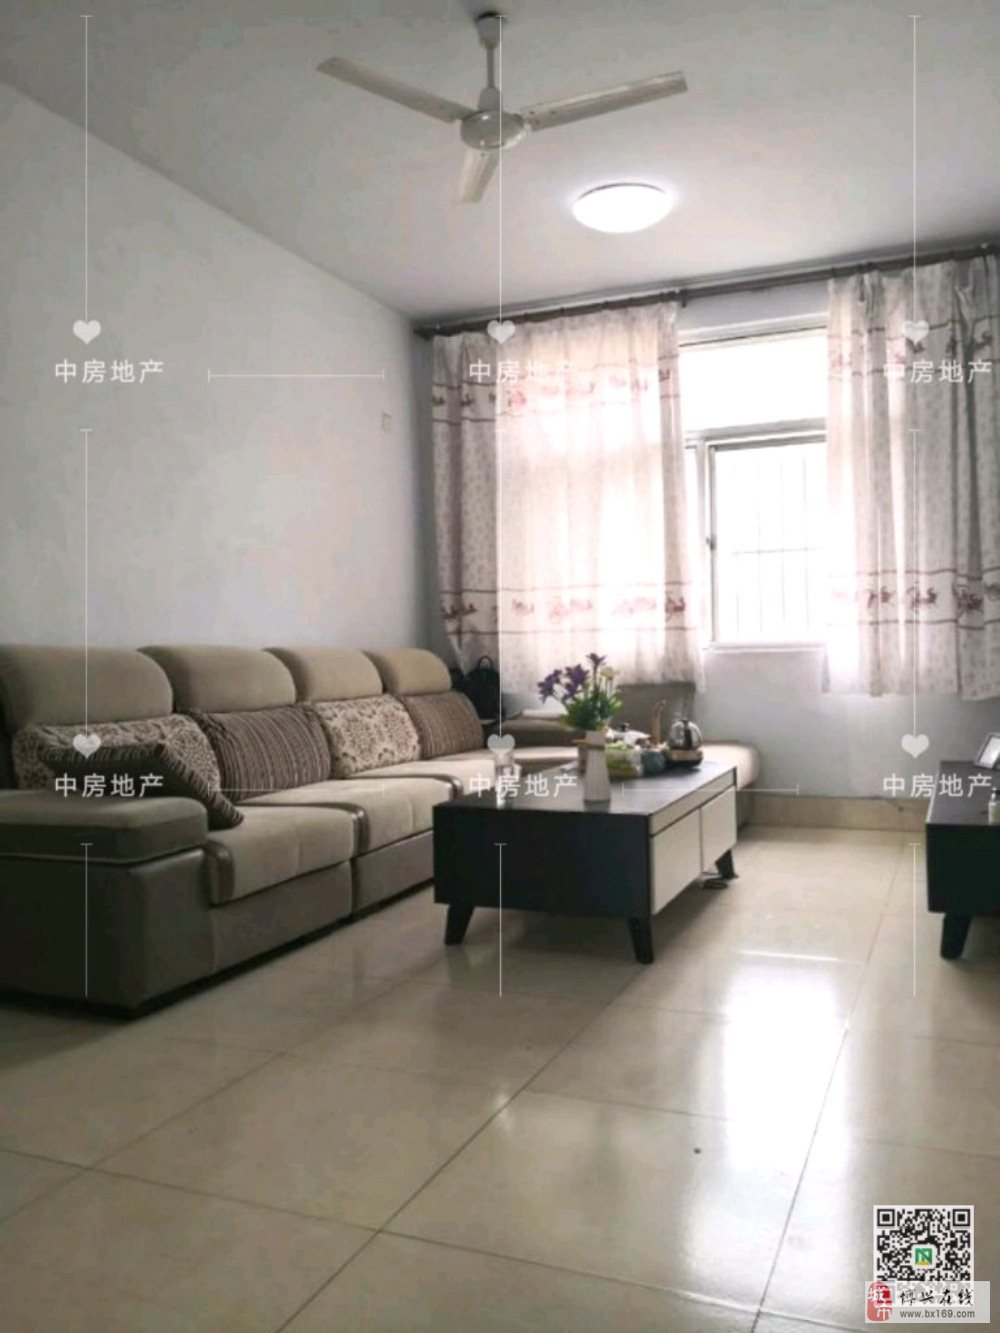 世纪明珠花园3室2厅1卫78万元